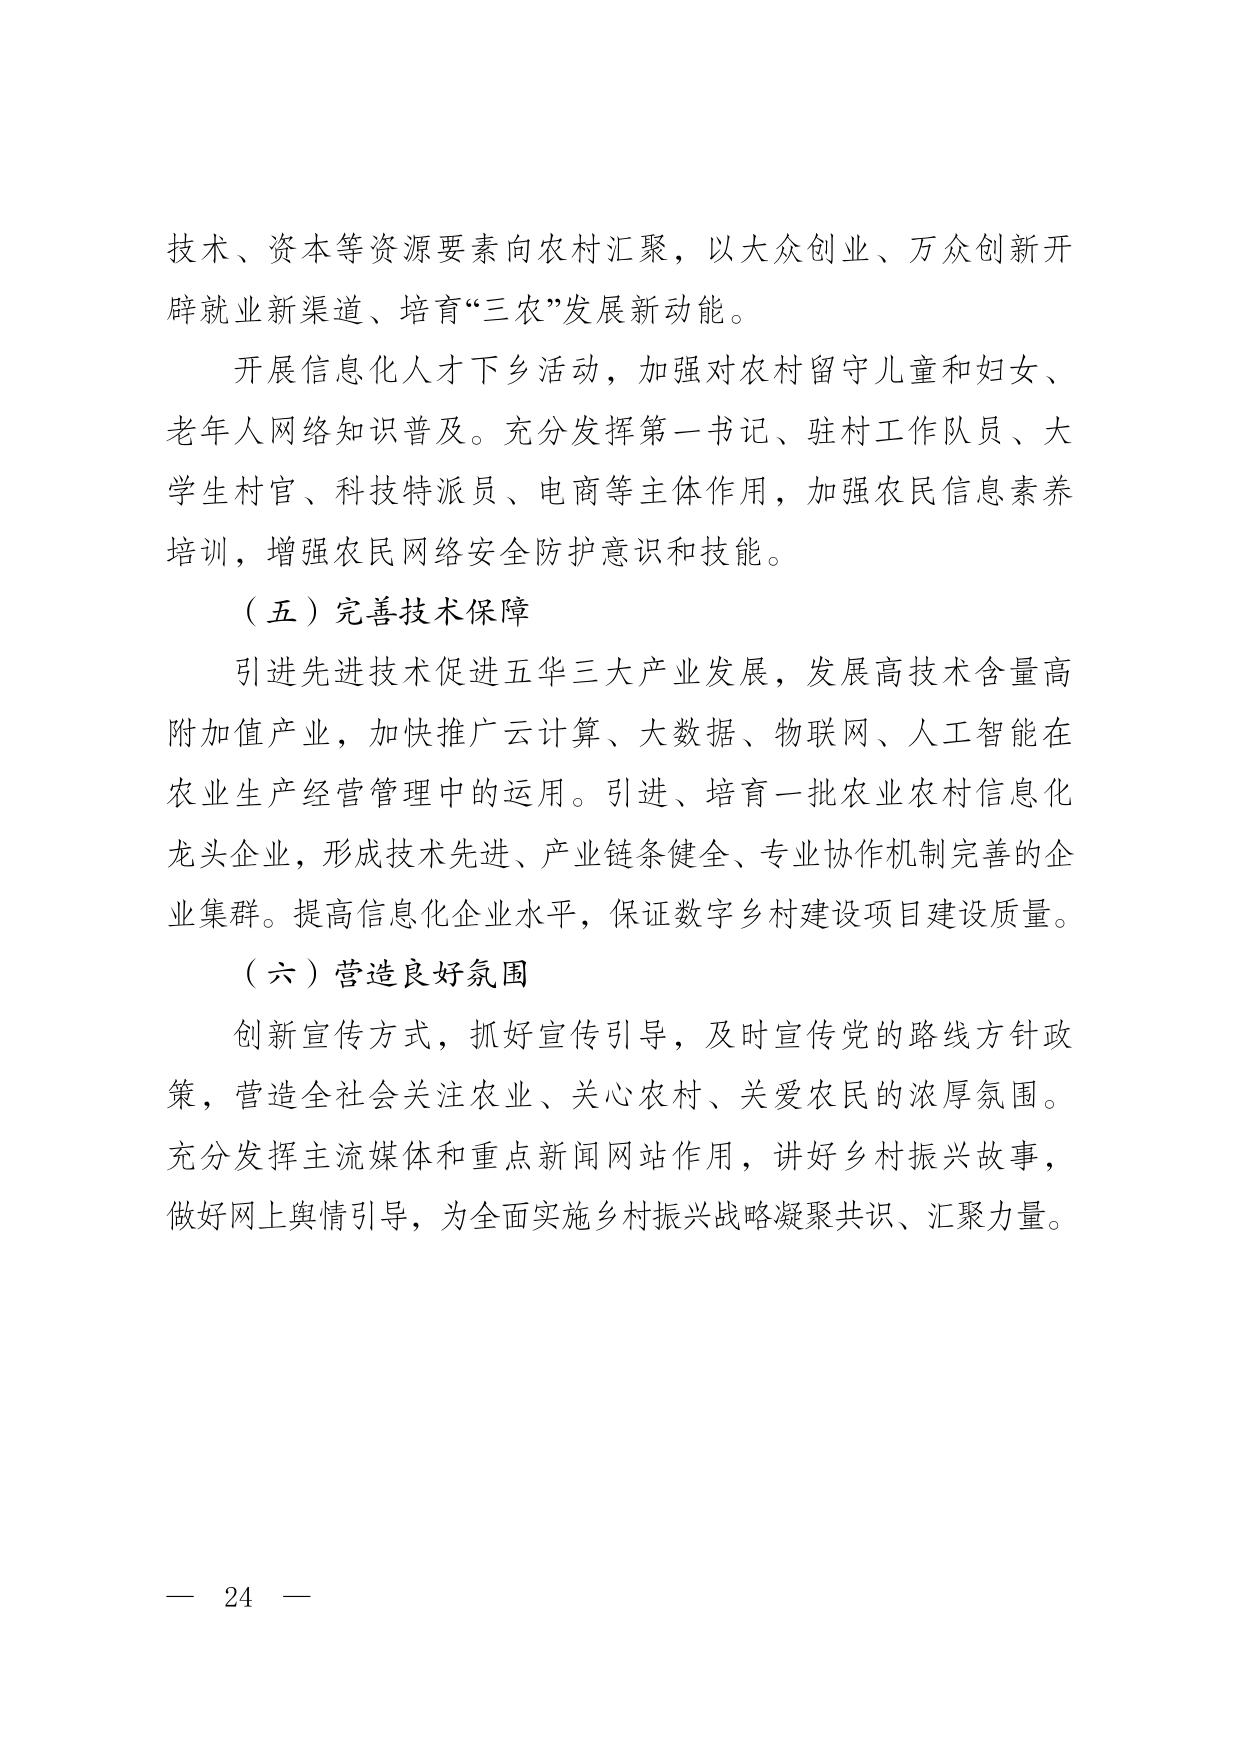 华办函〔2020〕5号关于印发《五华县数字乡村发展总体规划(2020—2025年)》的通知0023.jpg